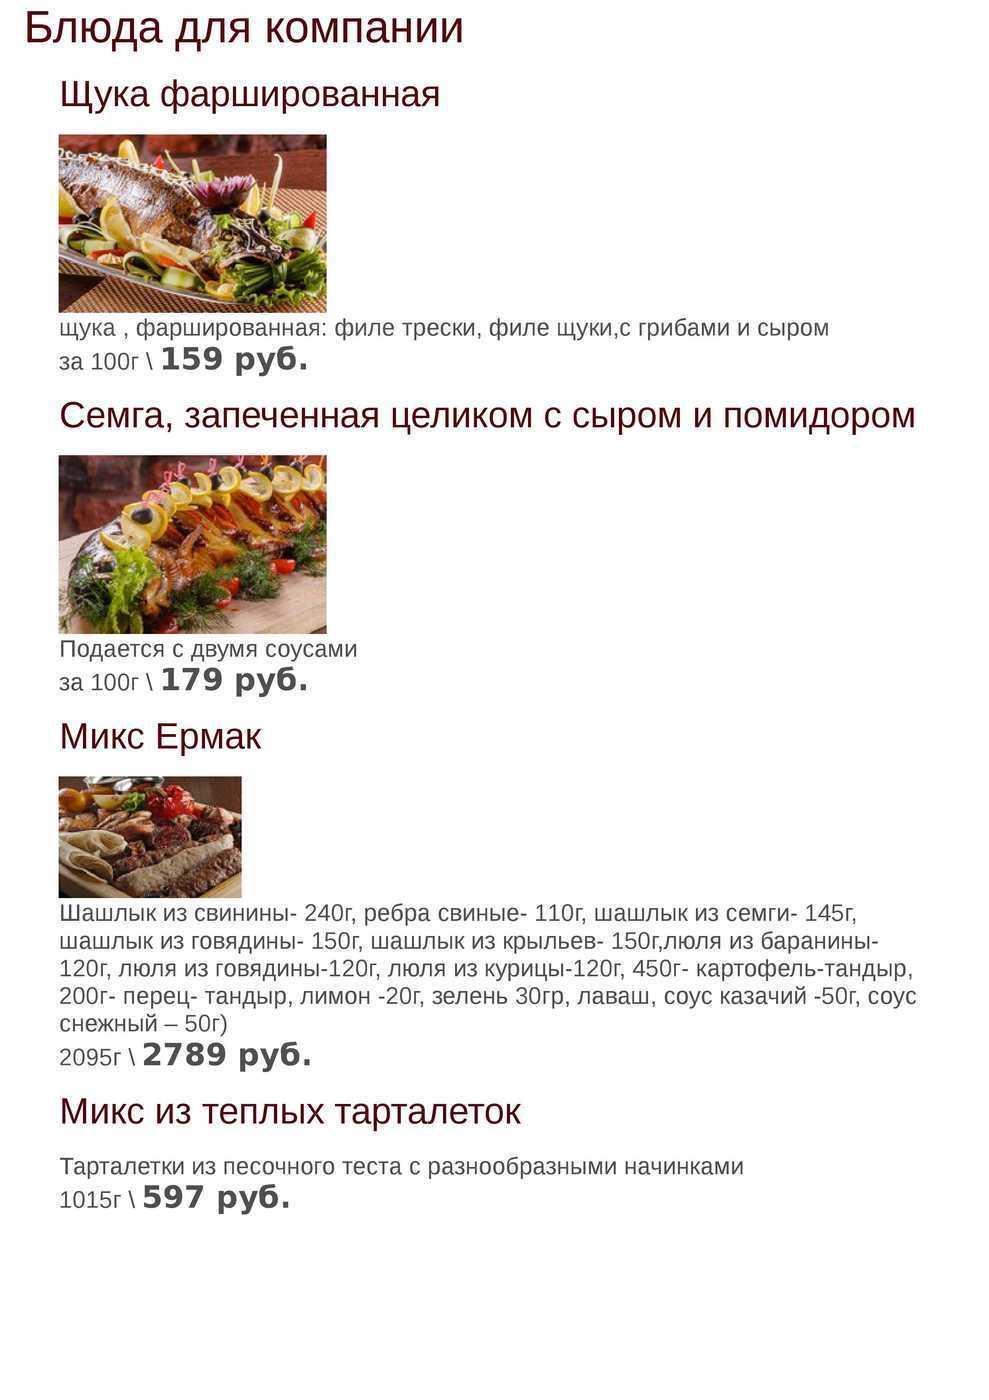 Меню кафе Ермак на проспекте имени газеты Красноярский Рабочий фото 1